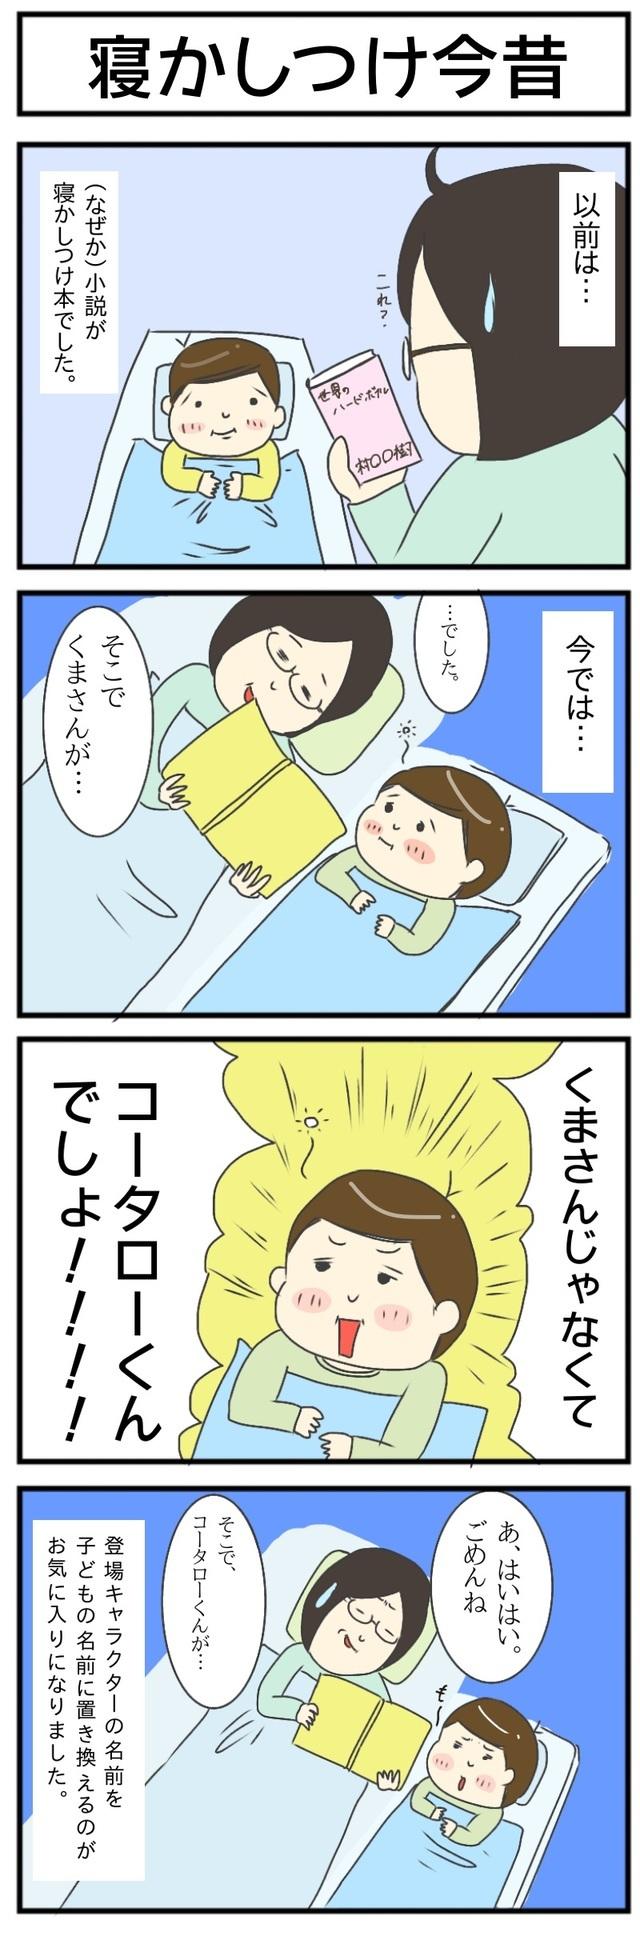 寝かしつけ今昔,育児,漫画,